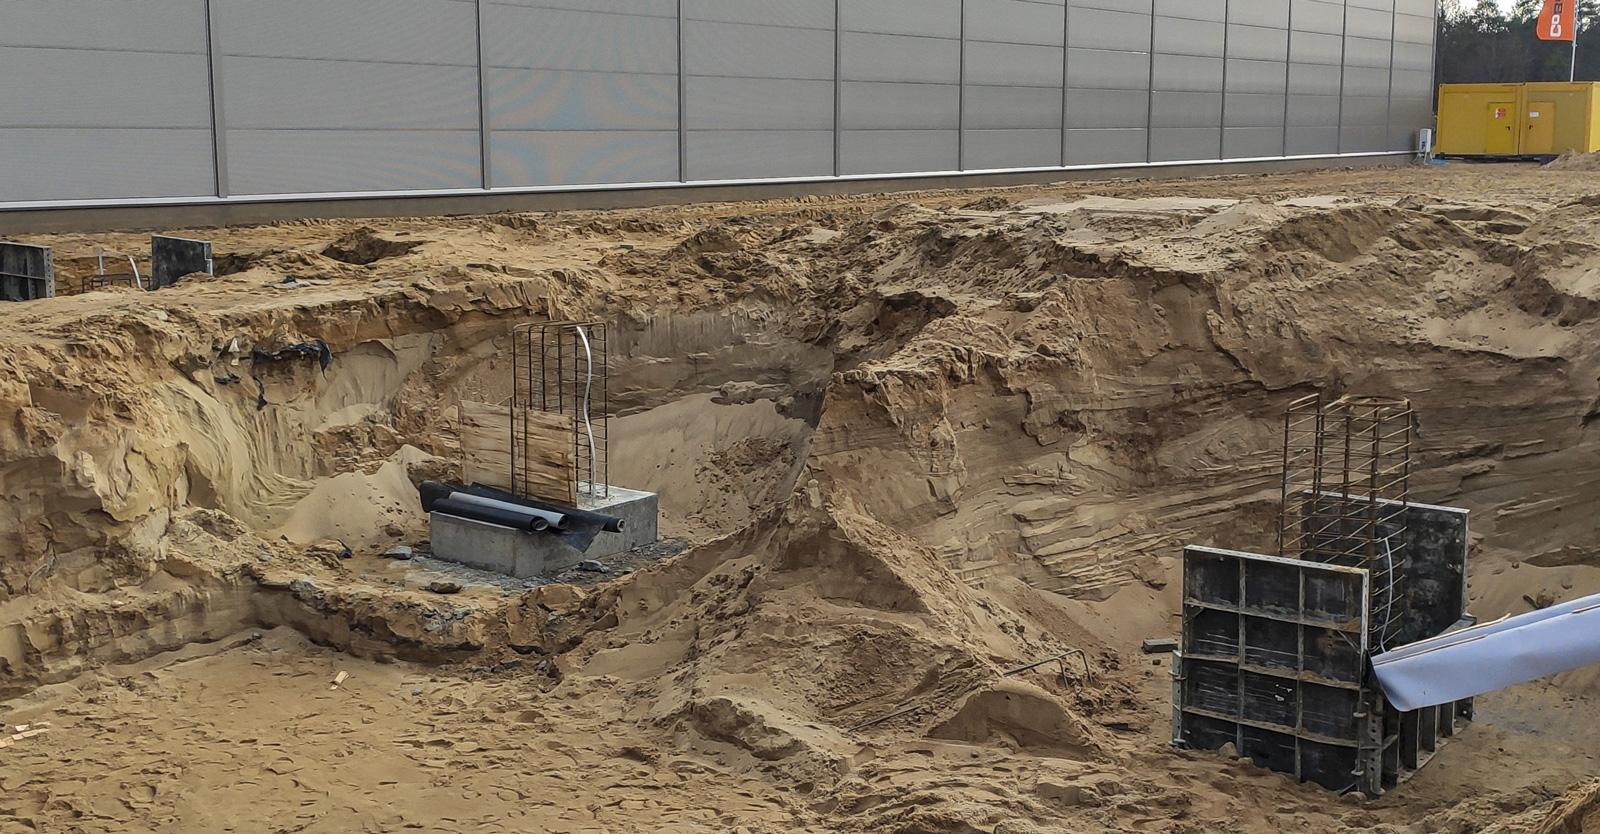 wykonywanie stóp fundamentowych oraz podsypki piaskowej pod posadzkę - rozbudowa hali dla firmy Viscon, Płaszewko, woj. pomorskie